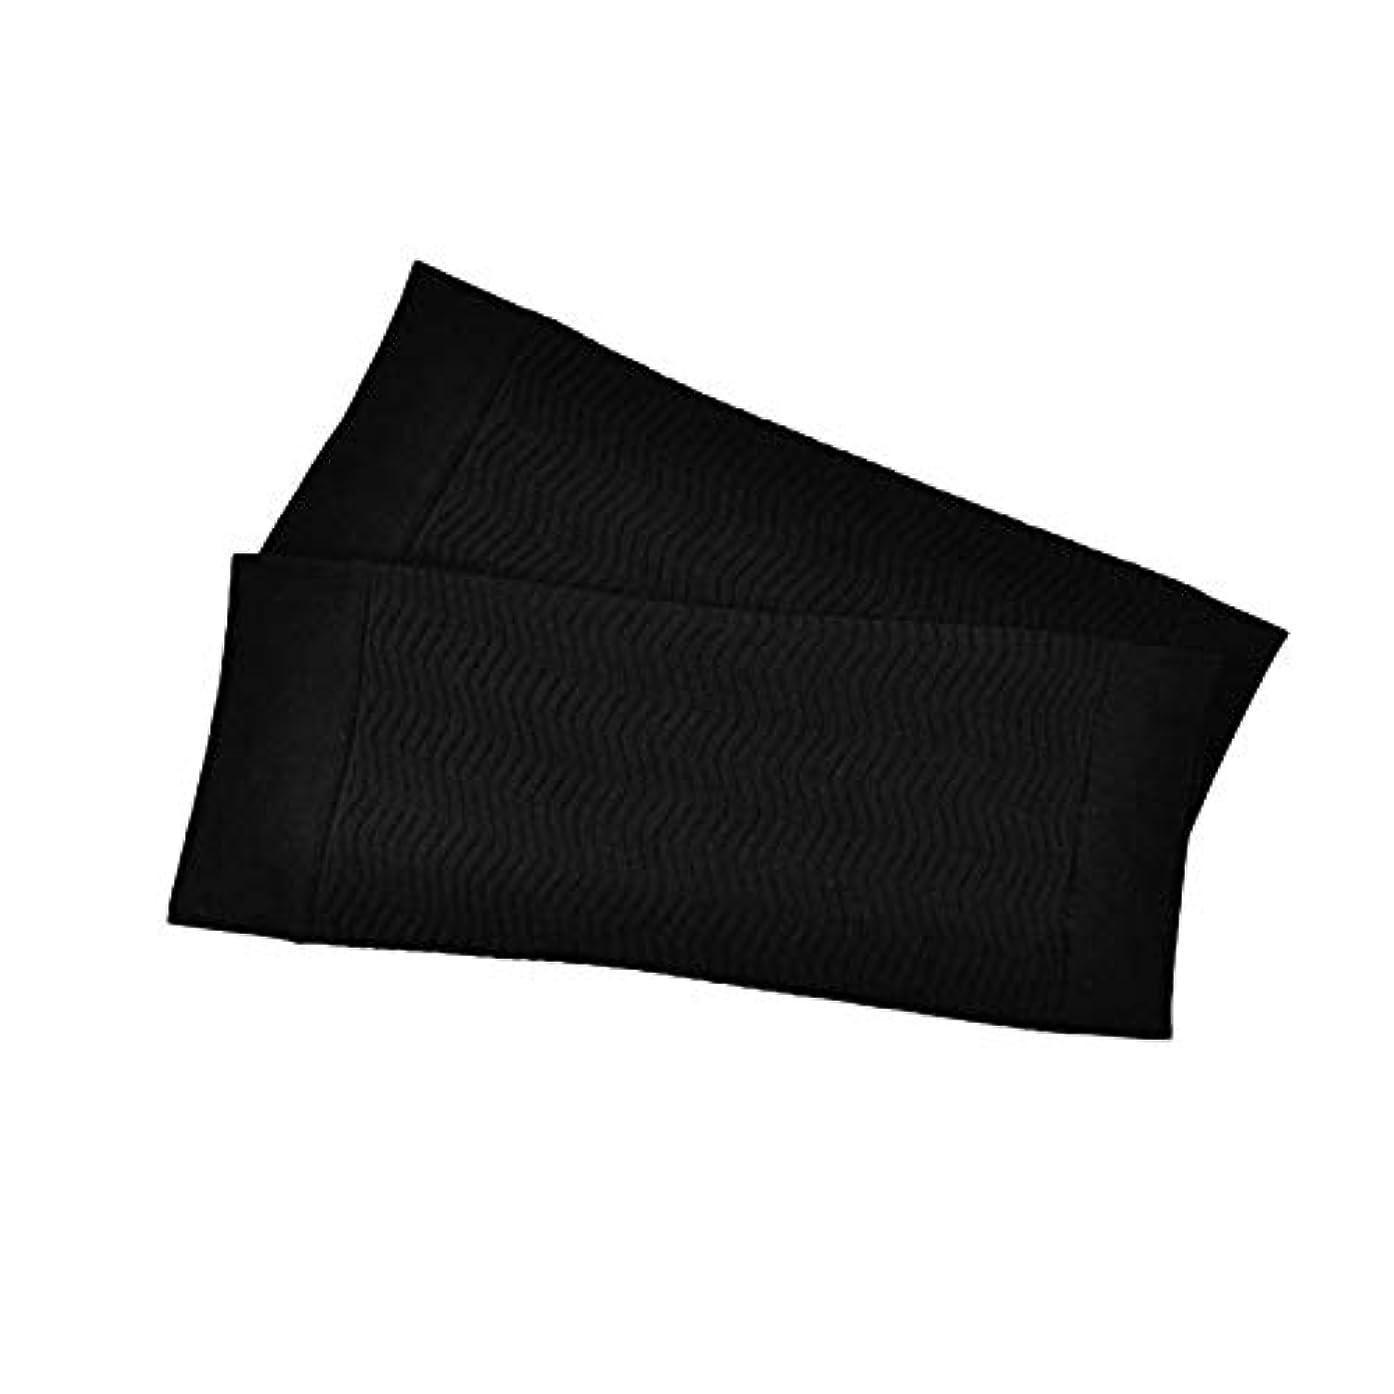 番号仮定のスコア1ペア680Dコンプレッションアームシェイパーワークアウトトーニングバーンセルライトスリミングアームスリーブファットバーニングショートスリーブ女性用-ブラック